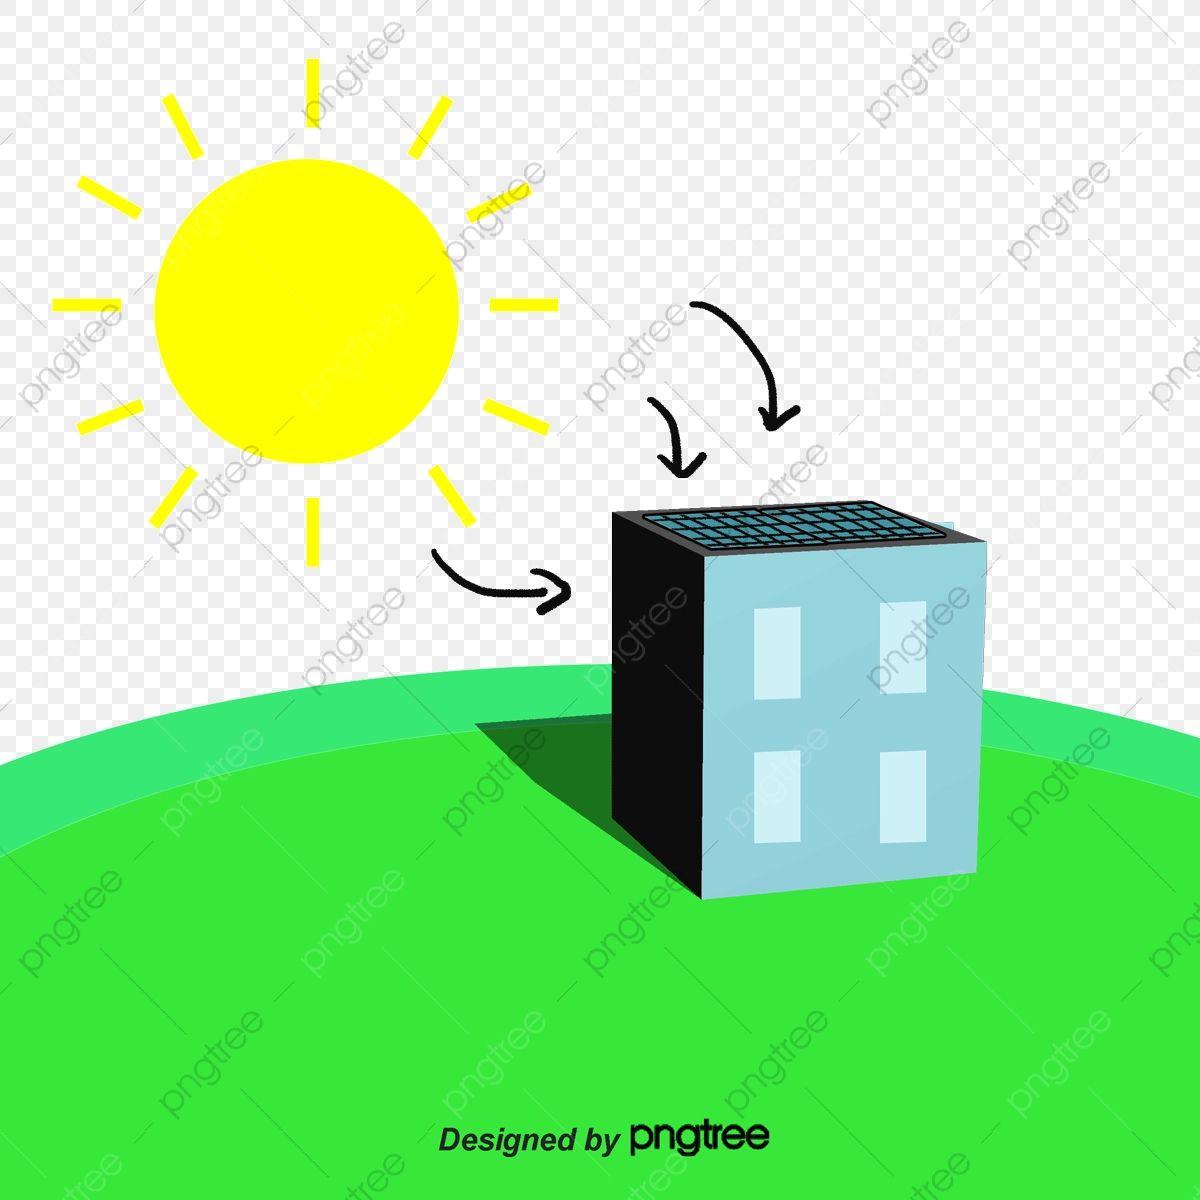 Pintado A Mano De Dibujos Animados De La Energia Solar La Energia Solar La Variacion De Energia Fotovoltaica Png Y Psd Para Descargar Gratis Pngtree Dibujos Animados Energia Solar Dibujos